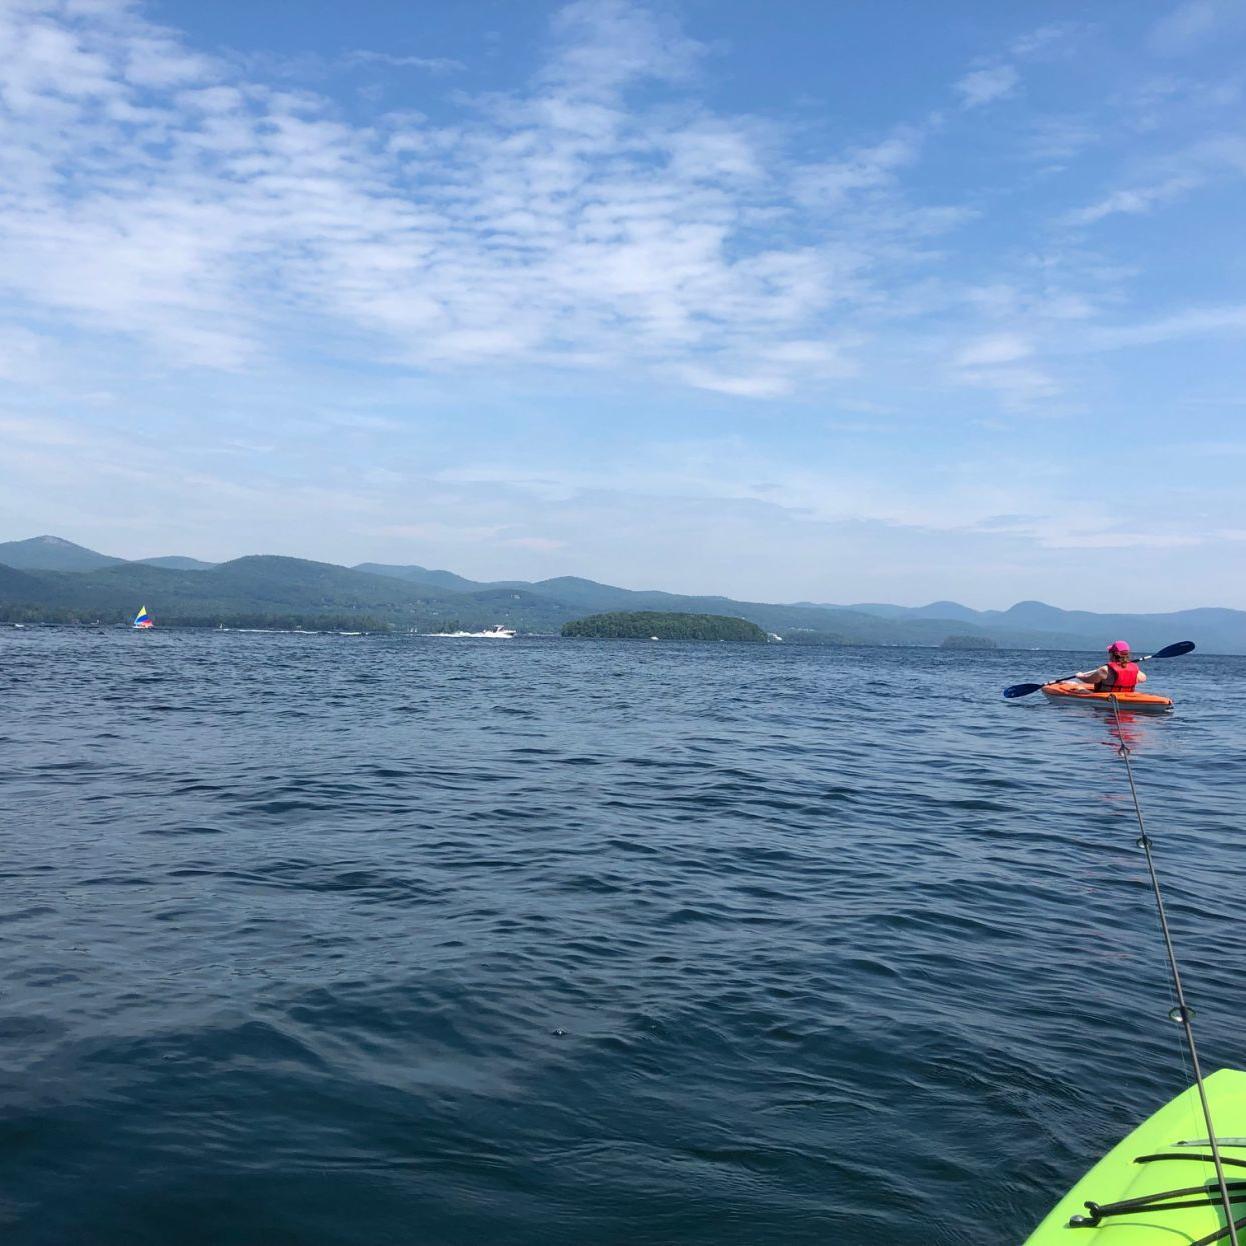 Man seriously hurt after boat renter hits kayak on Lake